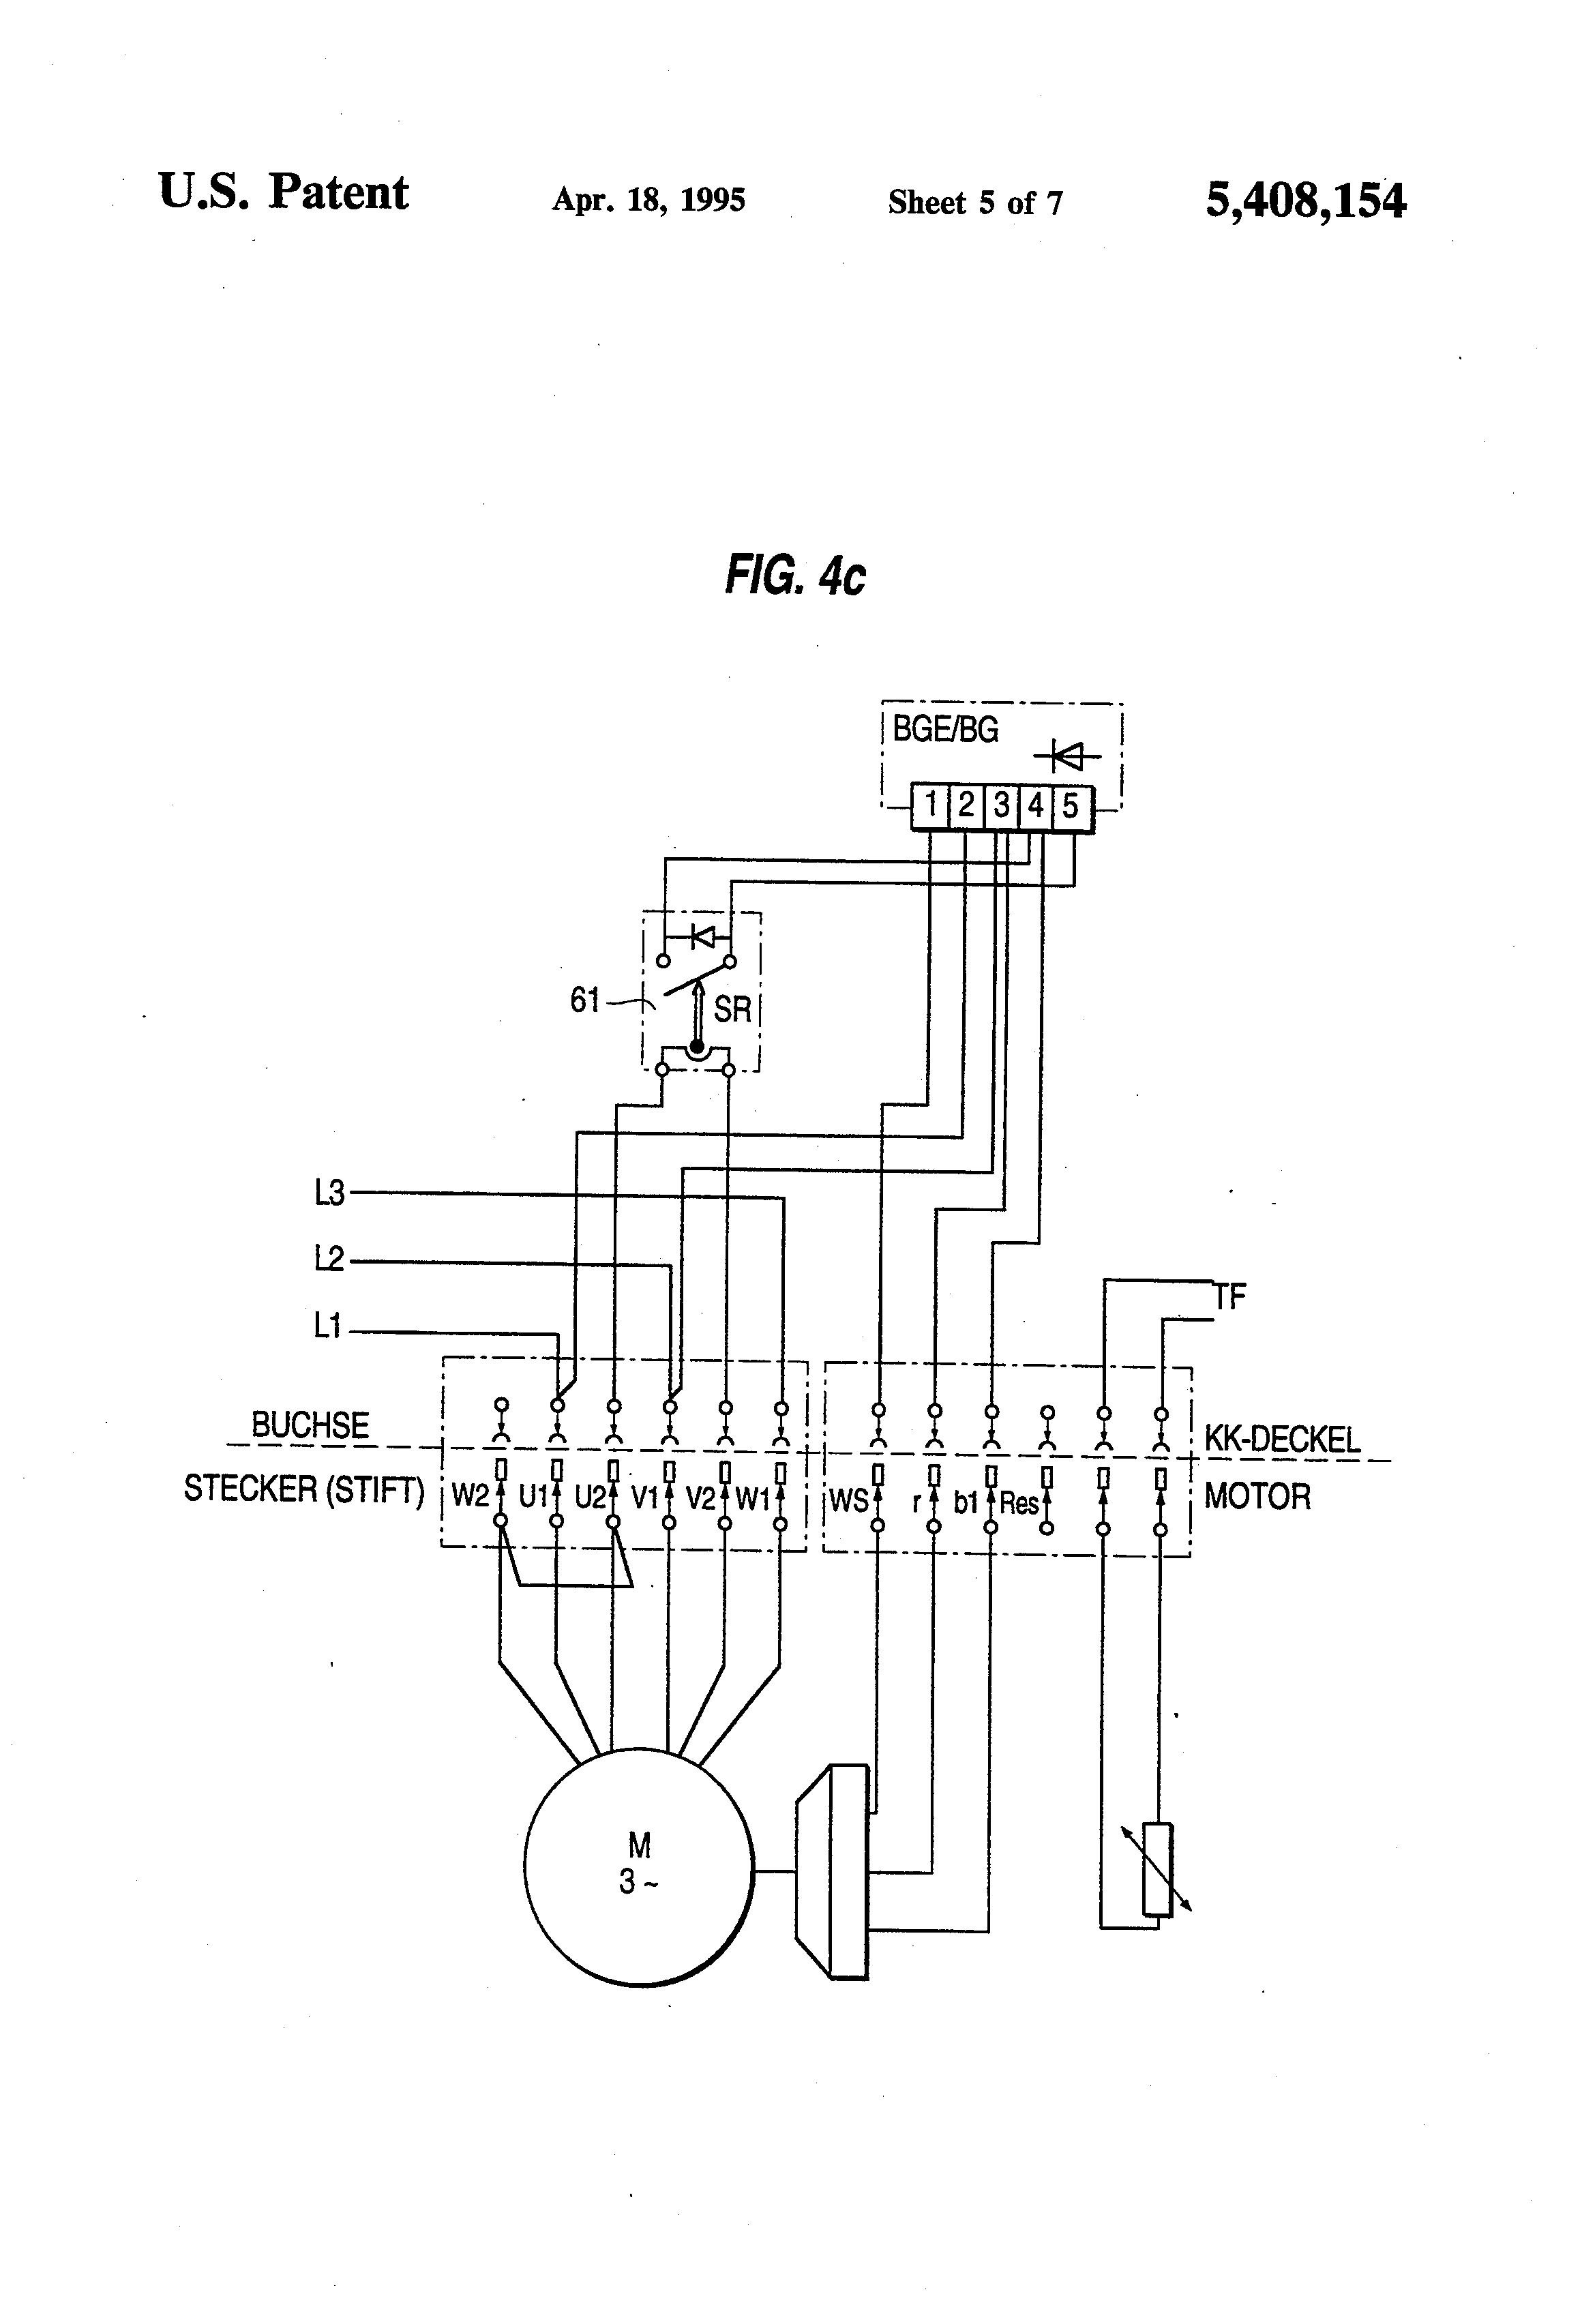 Sew Eurodrive 208 Volt Wiring Diagram - Hvac Wiring Schematics -  loader.2001ajau.waystar.fr   Hydramax 640k26 Pool Pump Wiring Diagram      Wiring Diagram Resource